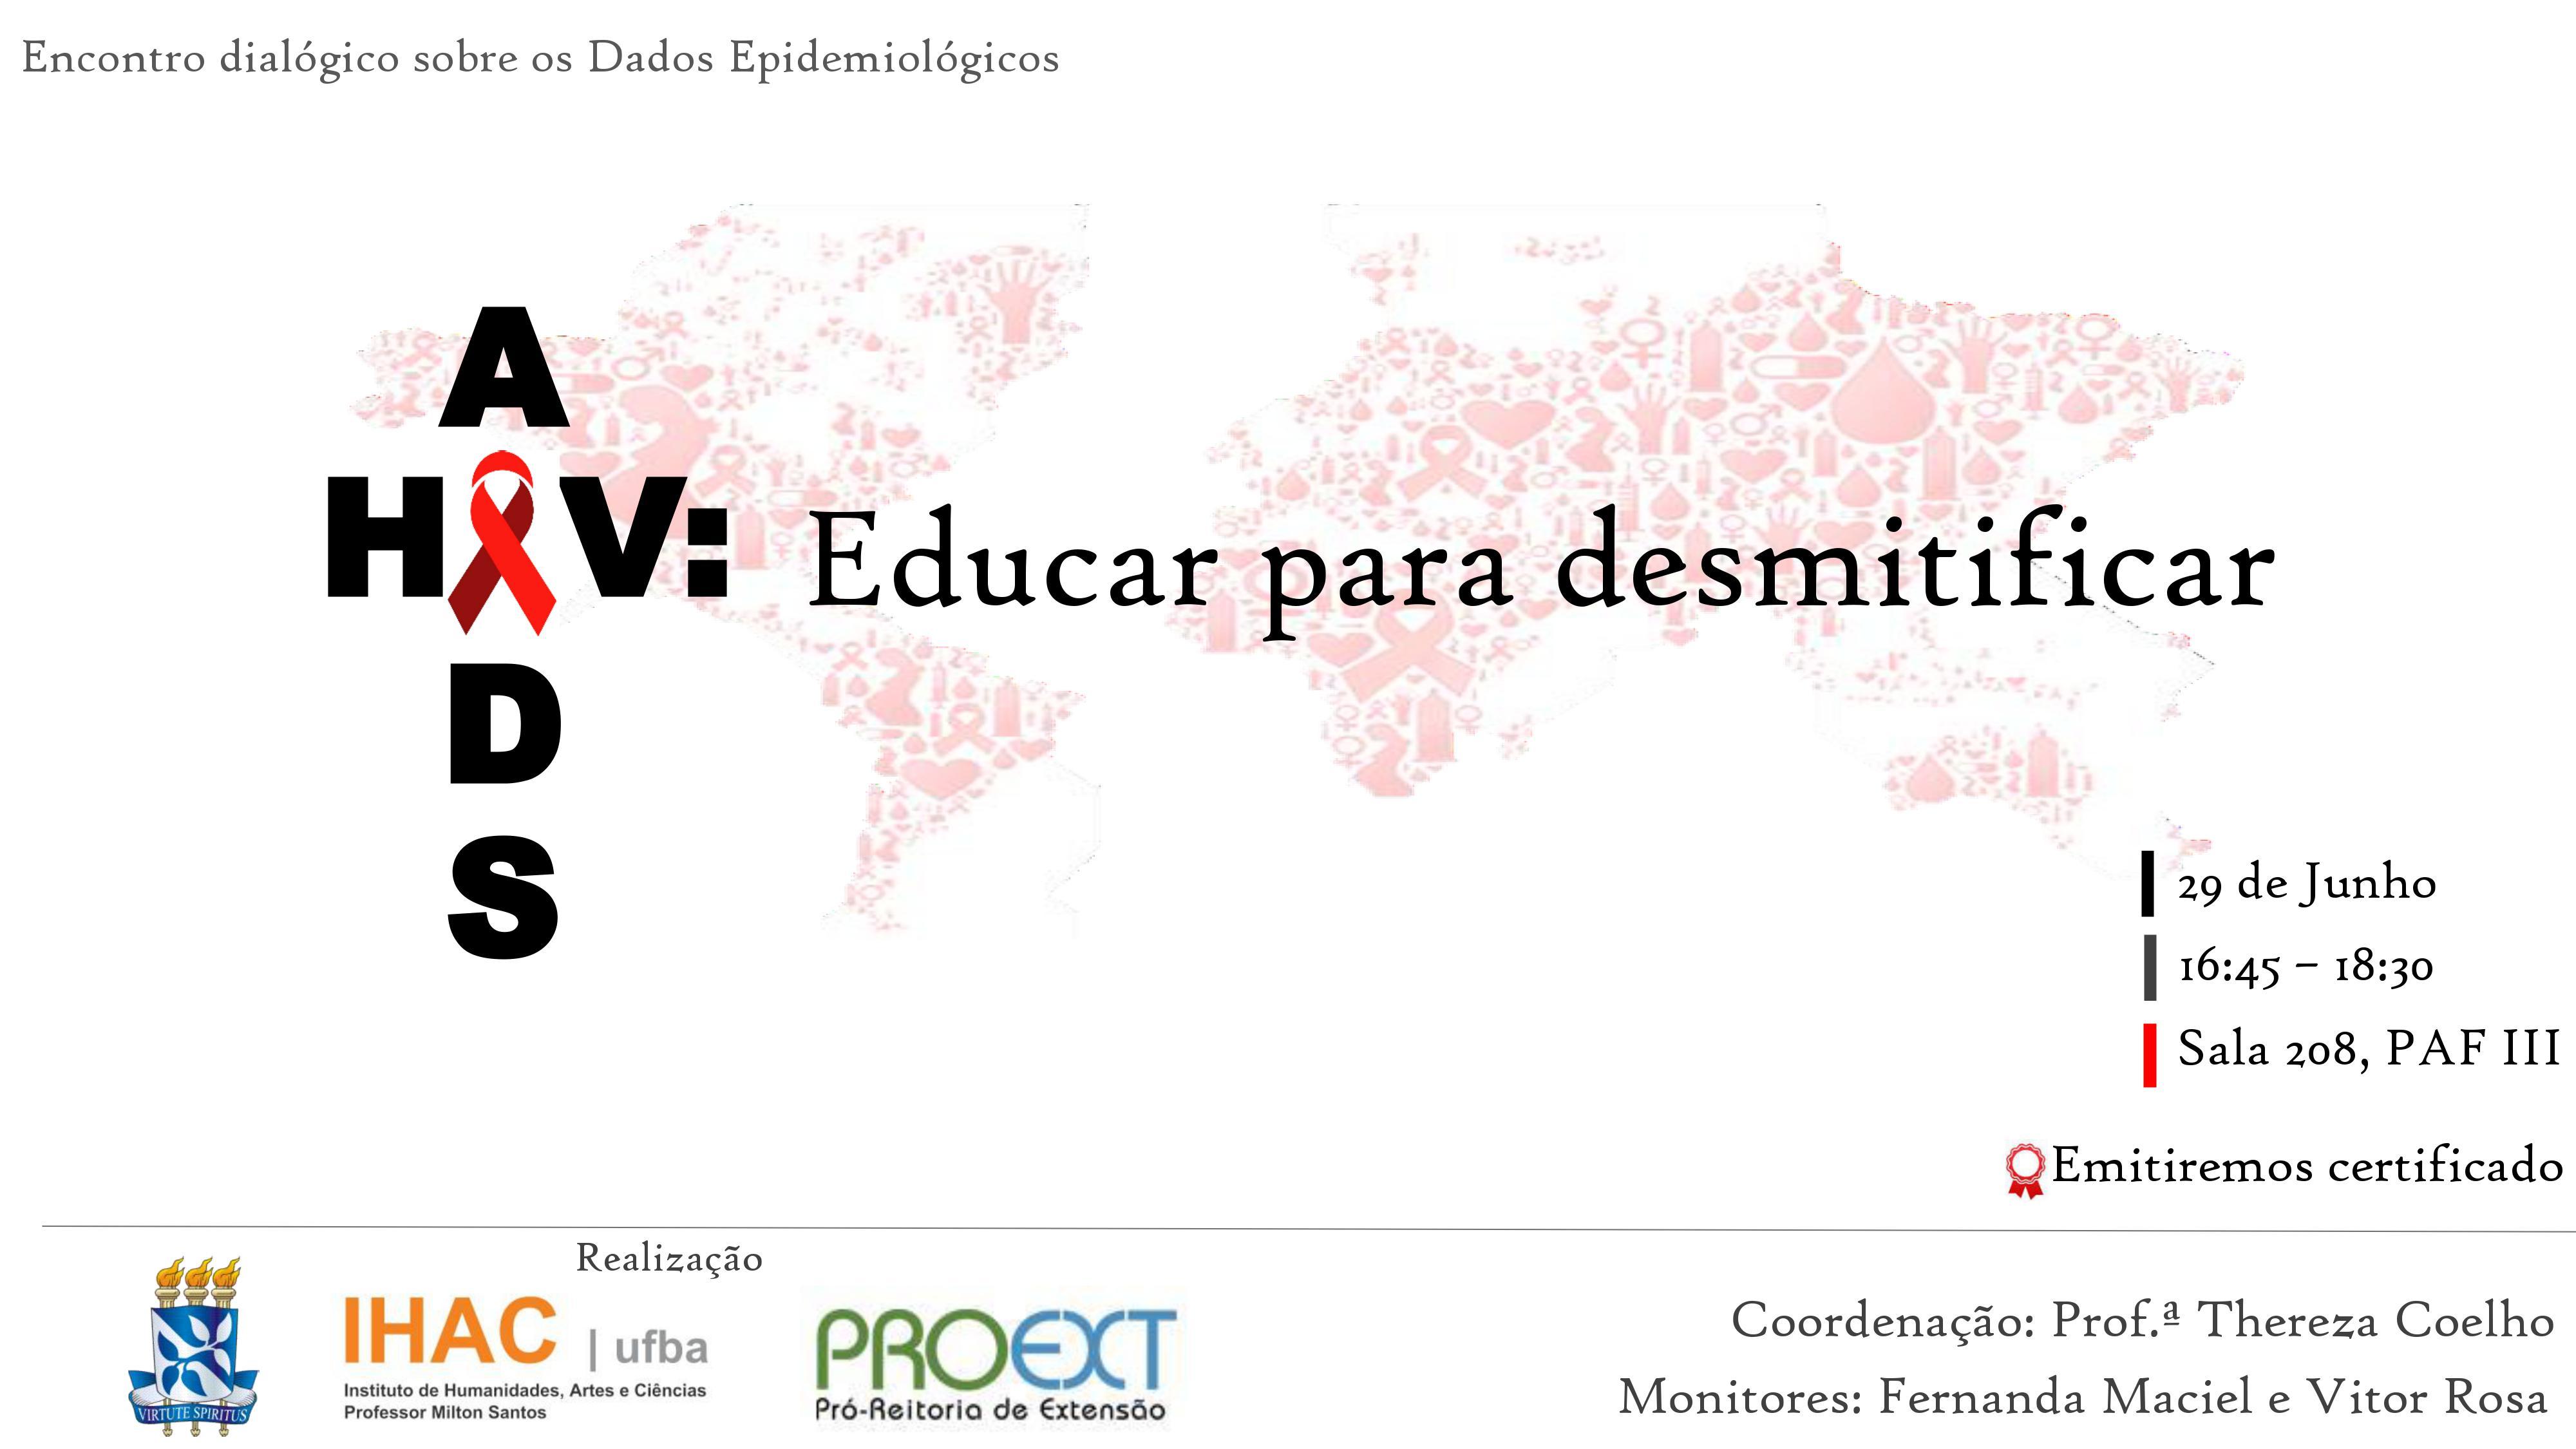 """Próximo encontro dialógico """"AIDS: Educar para desmistificar"""" acontece no dia 29 de junho"""